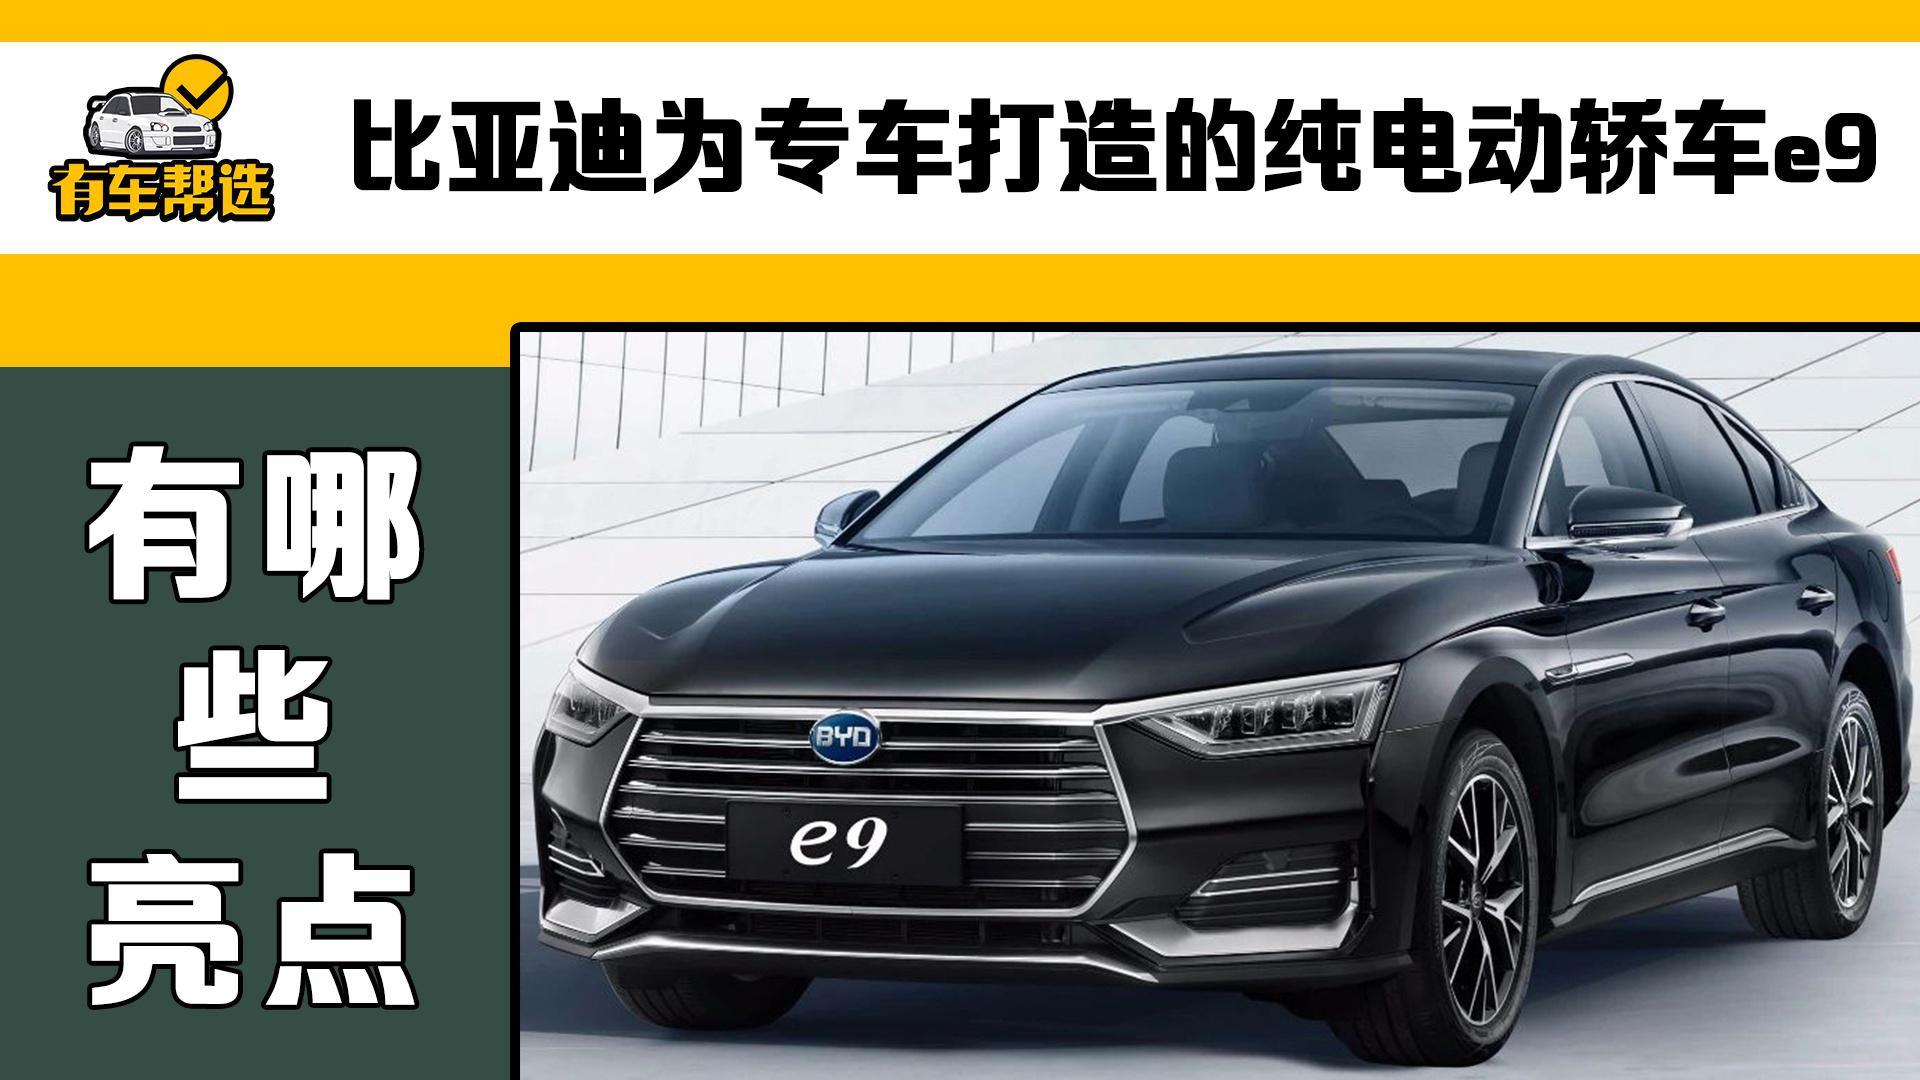 视频:提高专车乘坐感受 比亚迪为专车打造的纯电动轿车e9有哪些亮点?